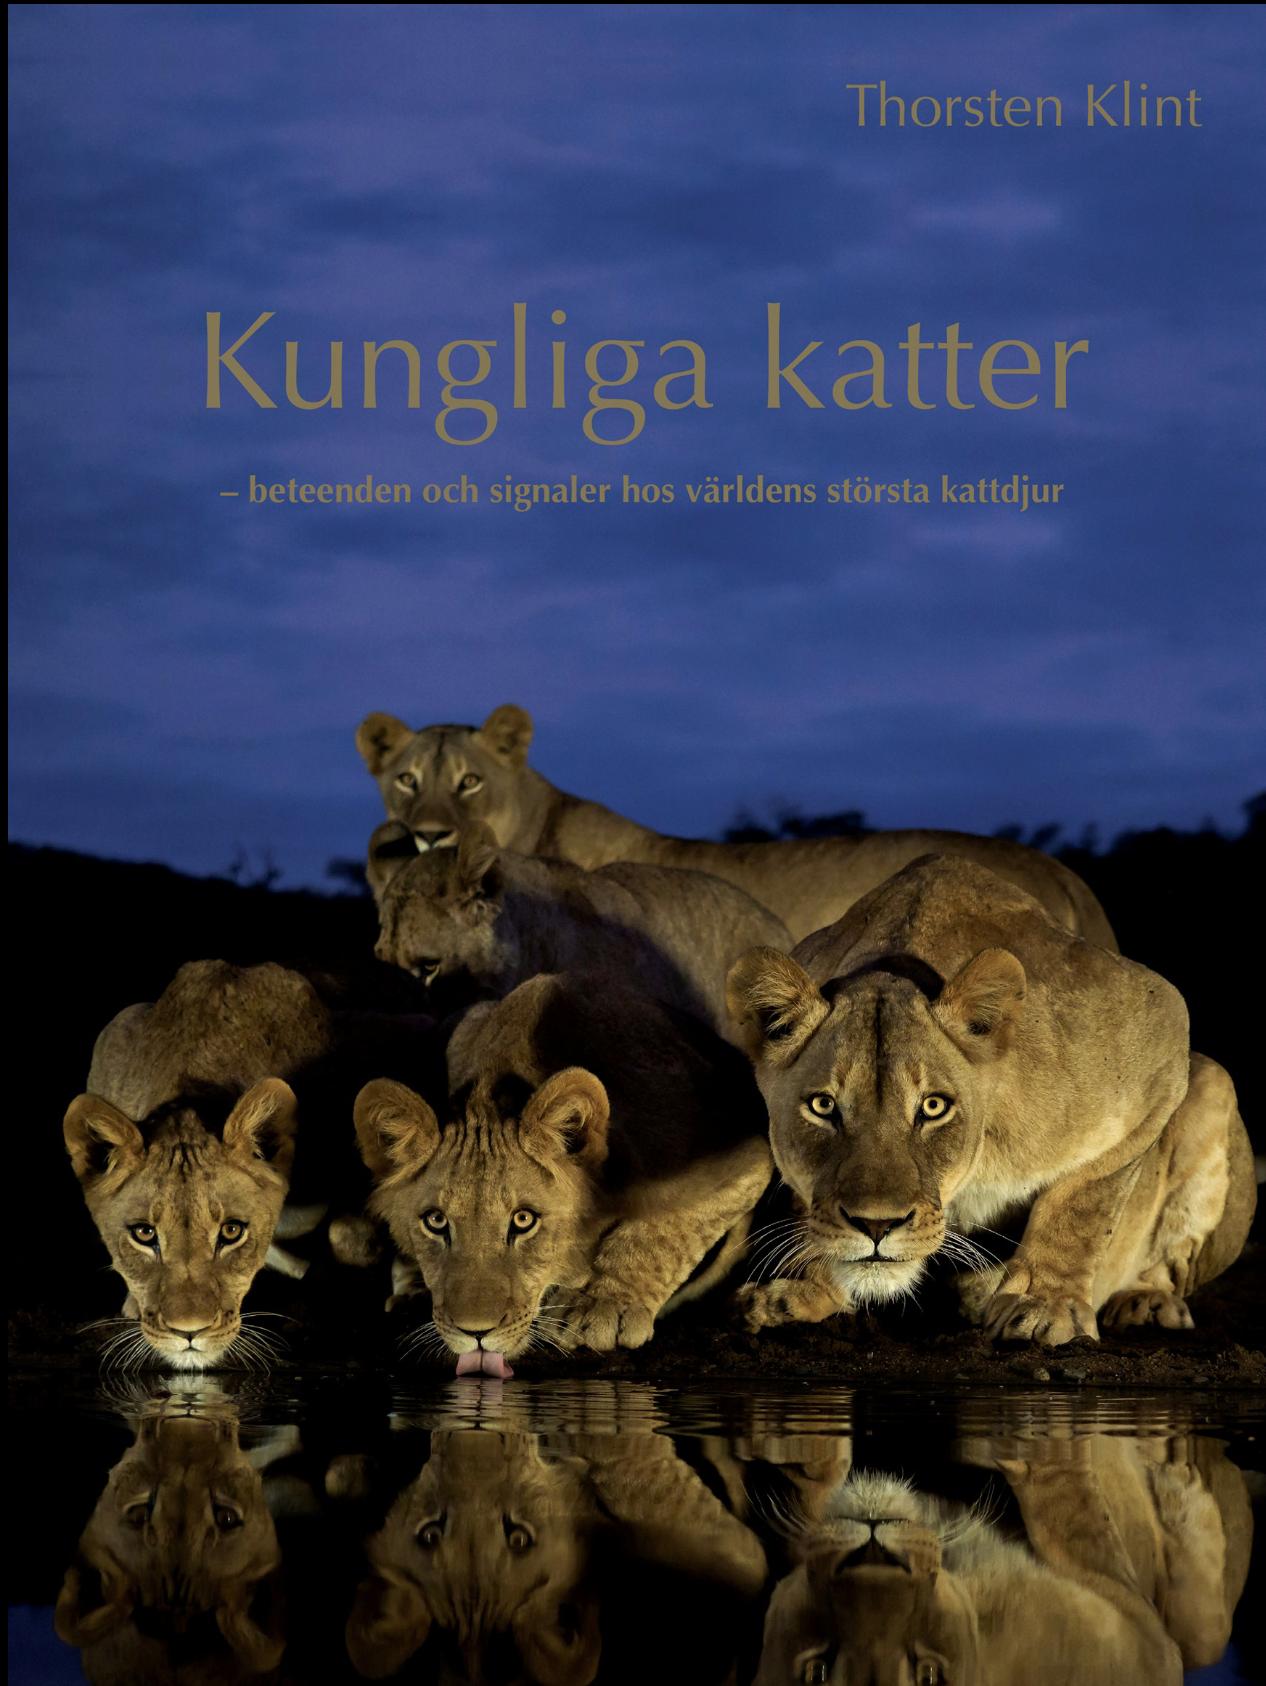 """Thorsten Klint: """"Kungliga katter, beteenden och signaler hos världens största kattdjur"""""""